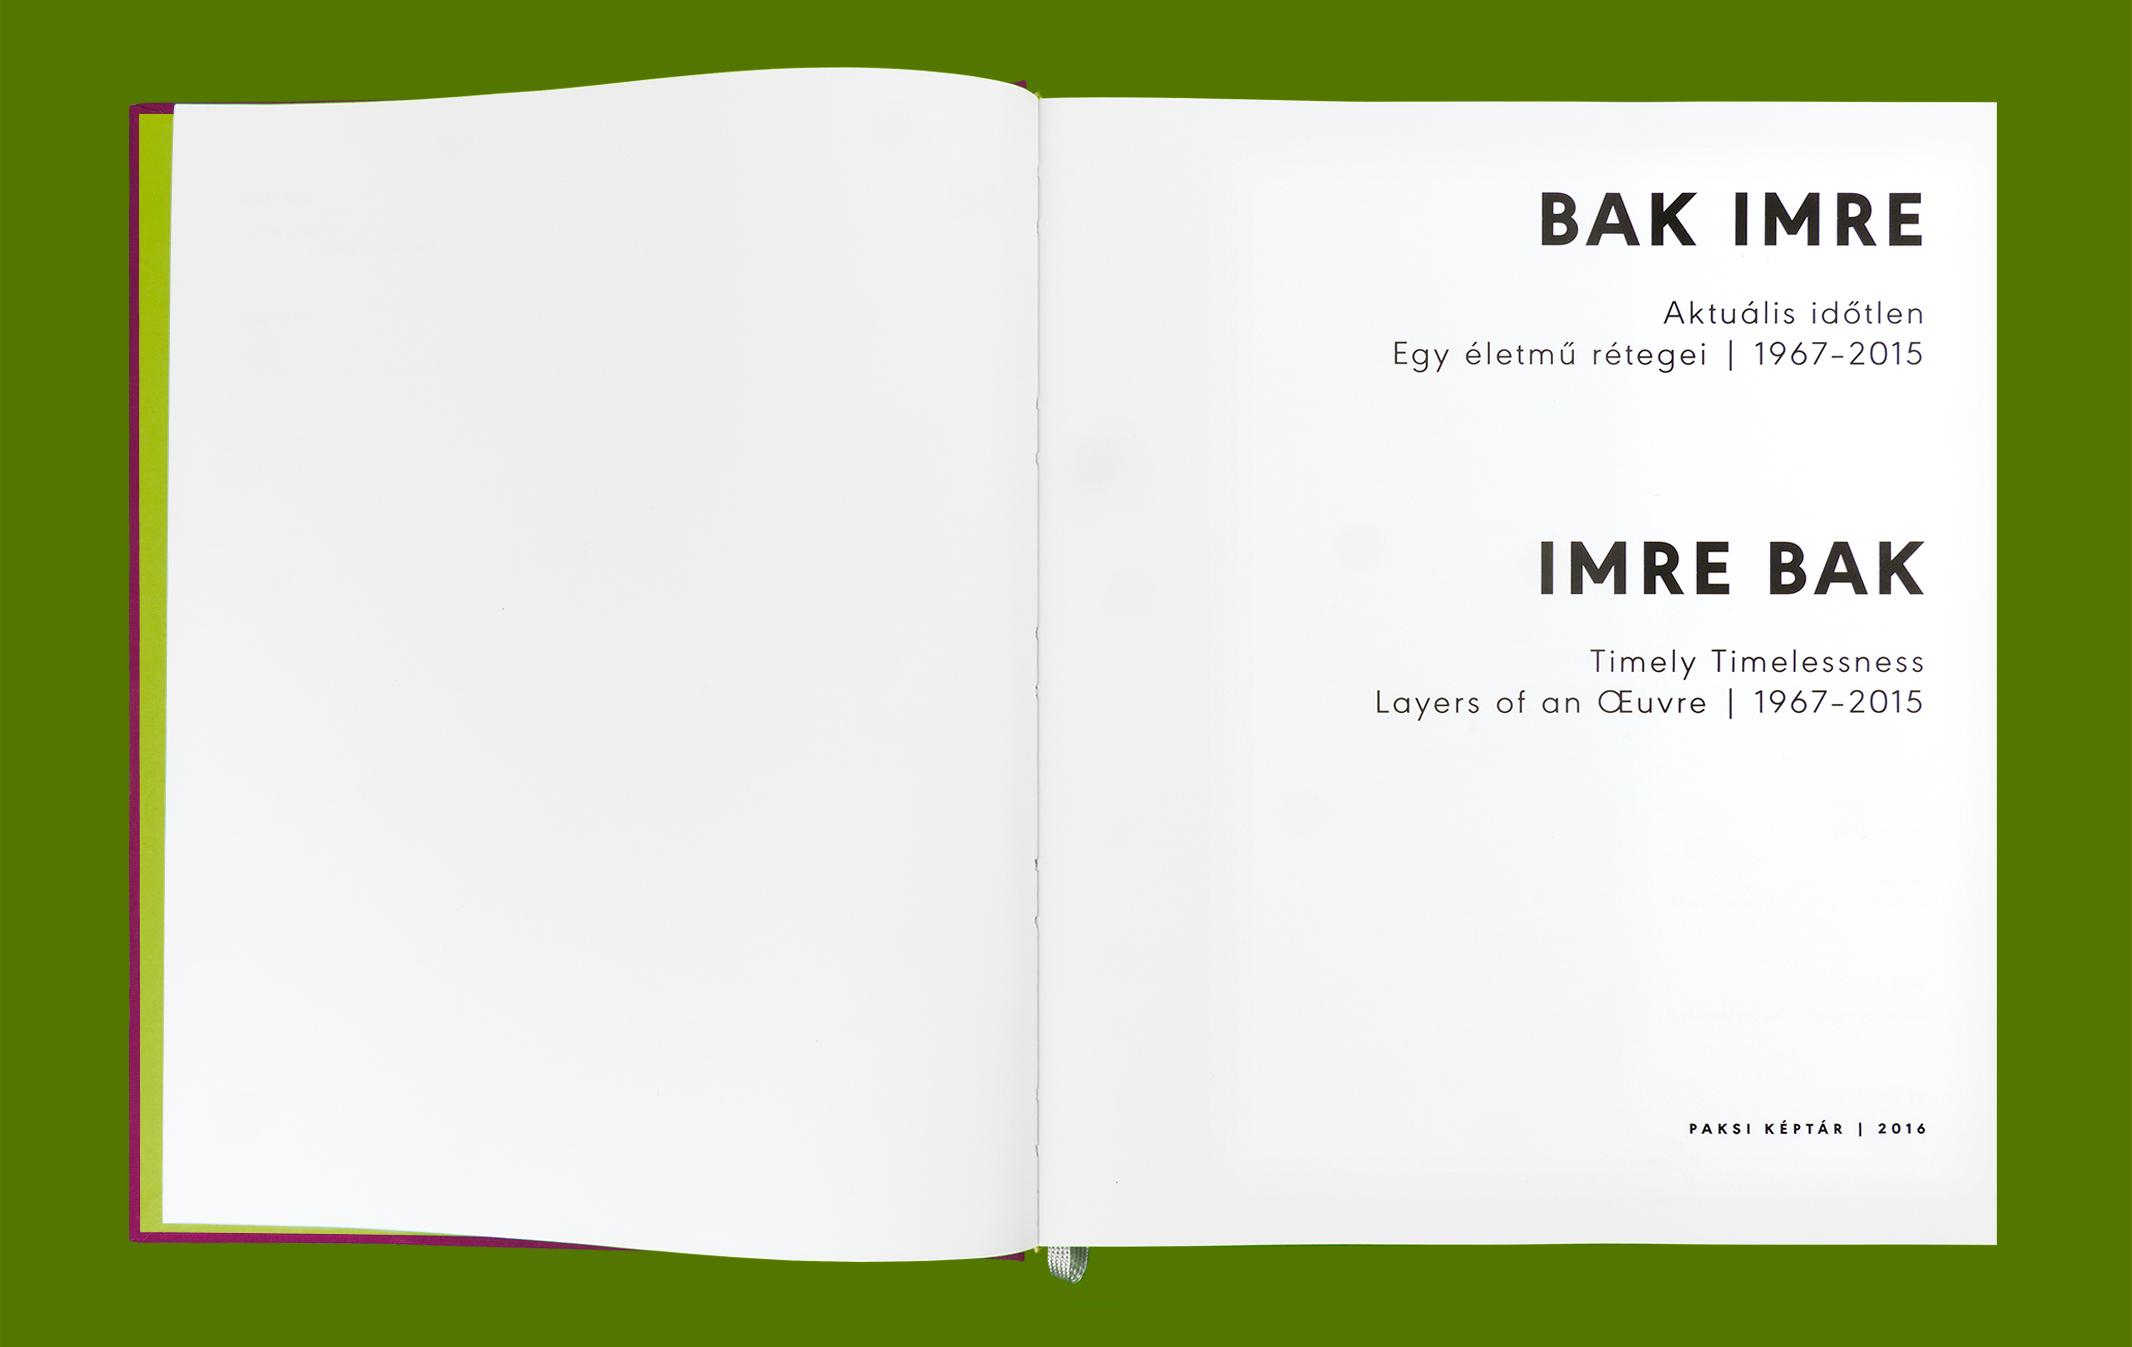 bak-imre-book-pages-11